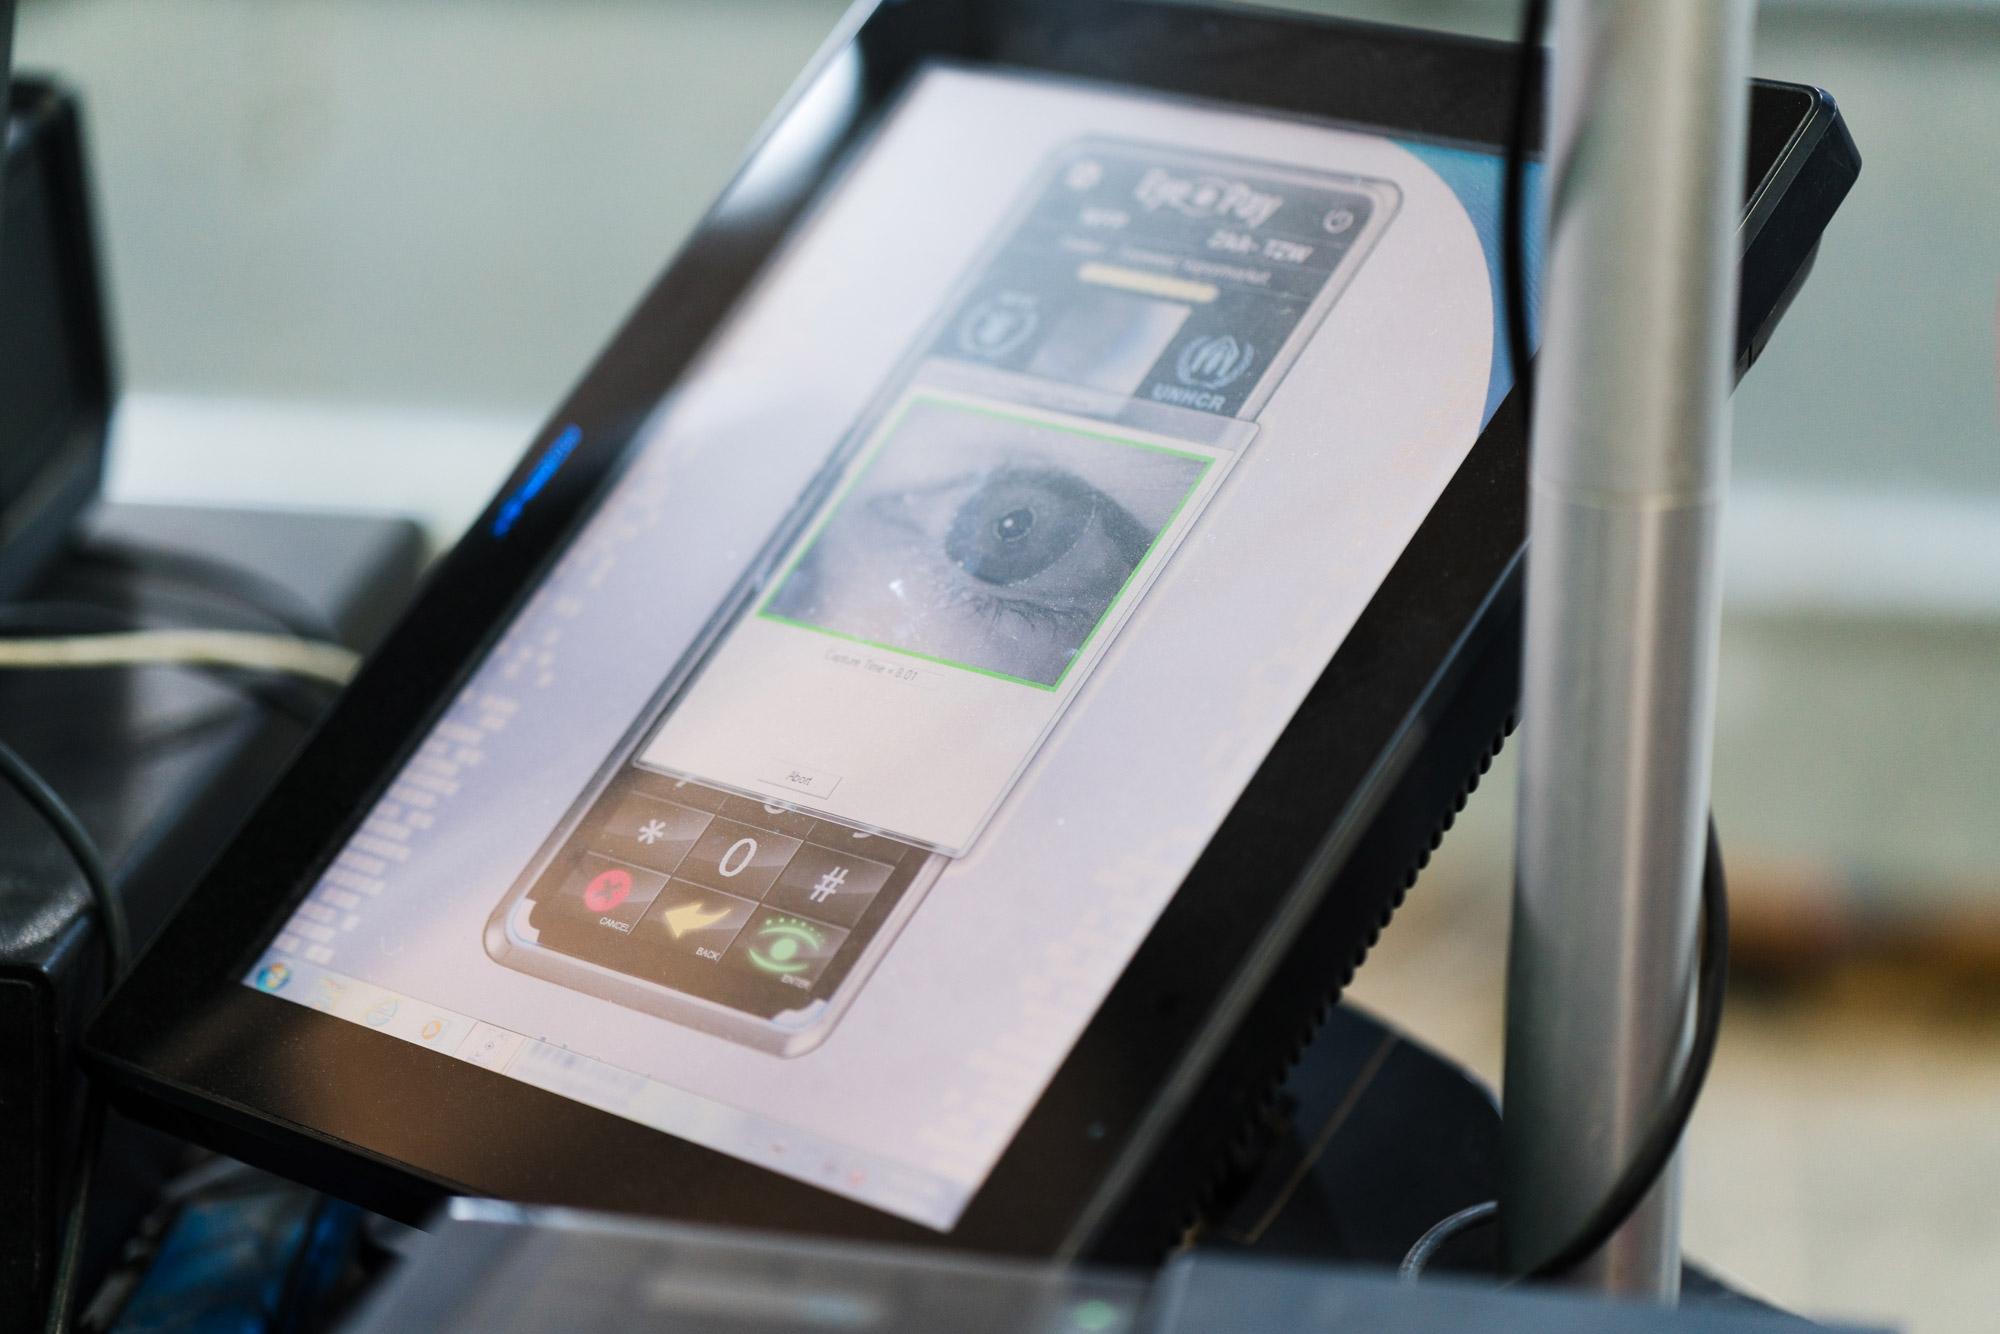 Se utiliza una exploración del iris para establecer la identidad digital en el proceso de pago. El sistema usa una base de datos tradicional y una cuenta almacenada en una variante autorizada de la cadena de bloques de Ethereum.